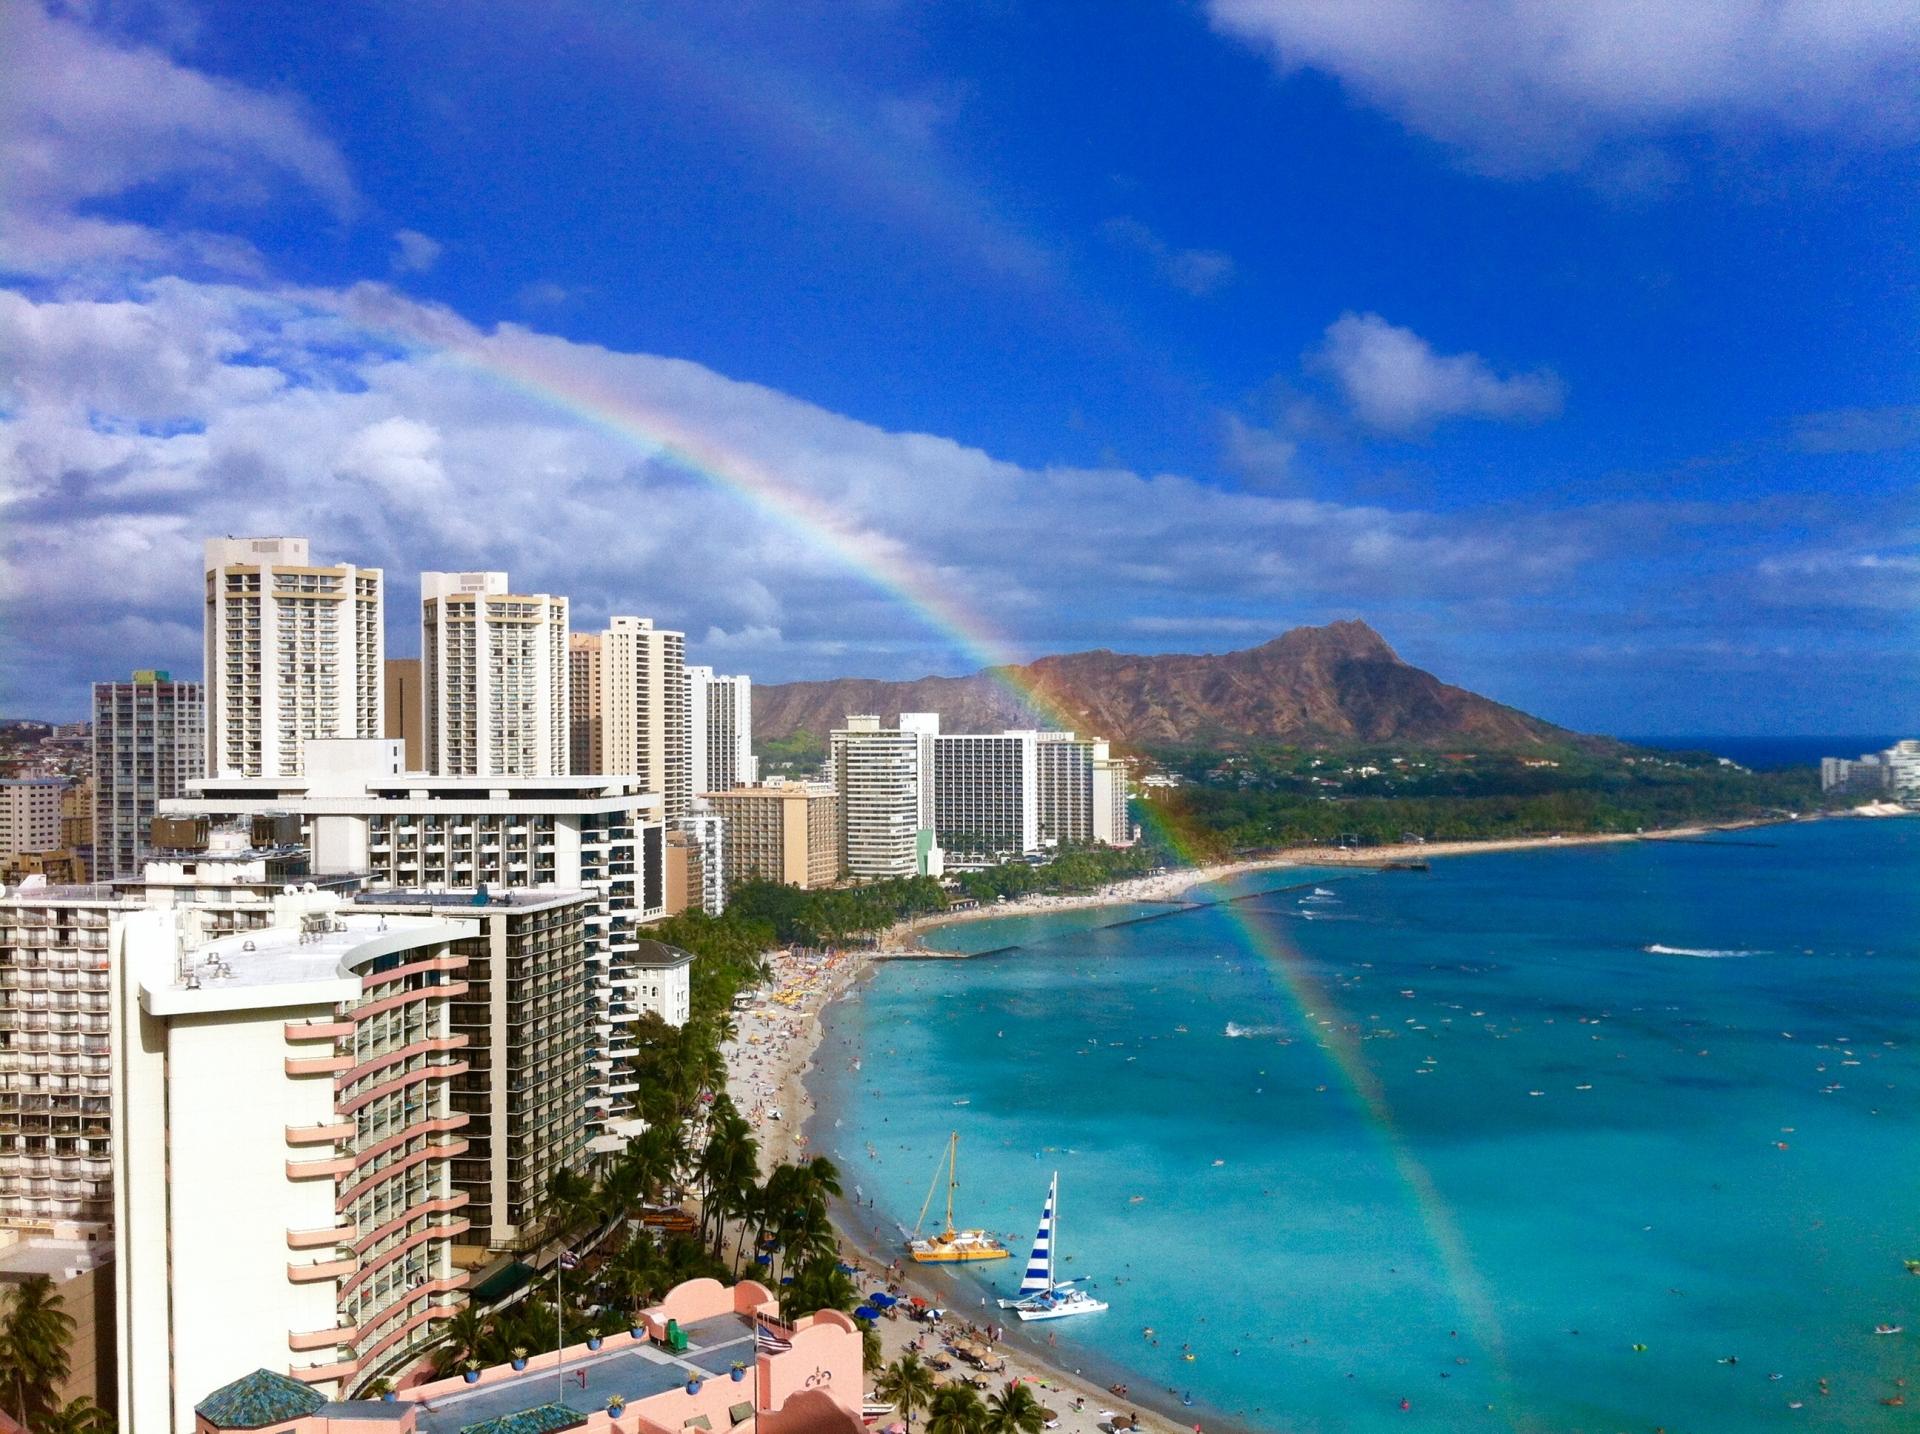 ハワイ限定のおすすめ商品13選!お土産にも人気で喜ばれる!